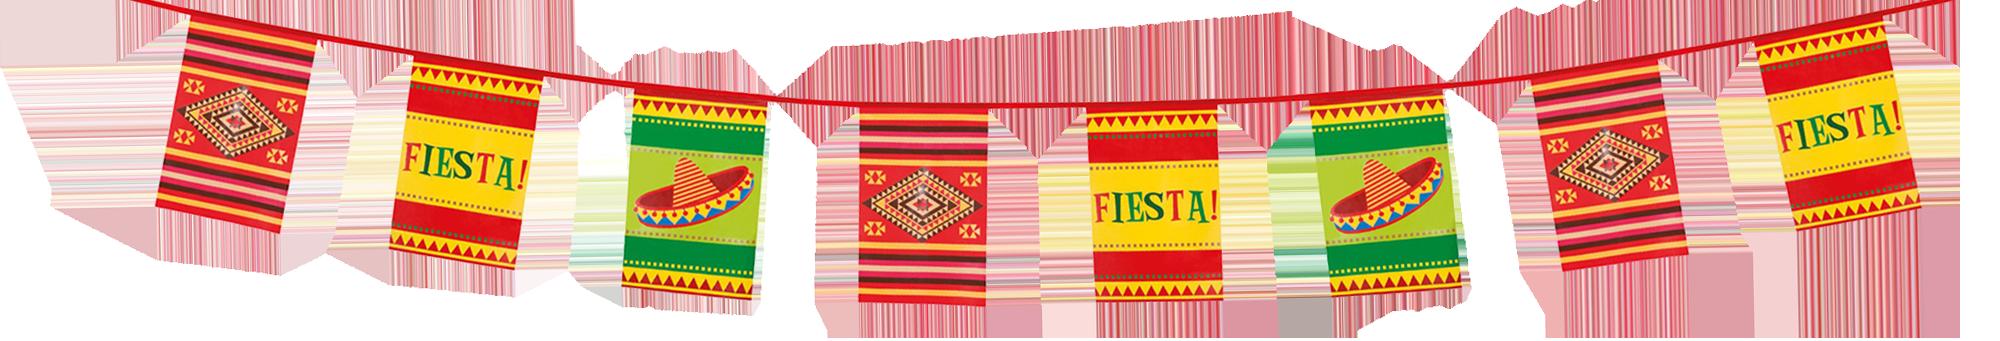 Clipart banner fiesta. Chili gordos food specials